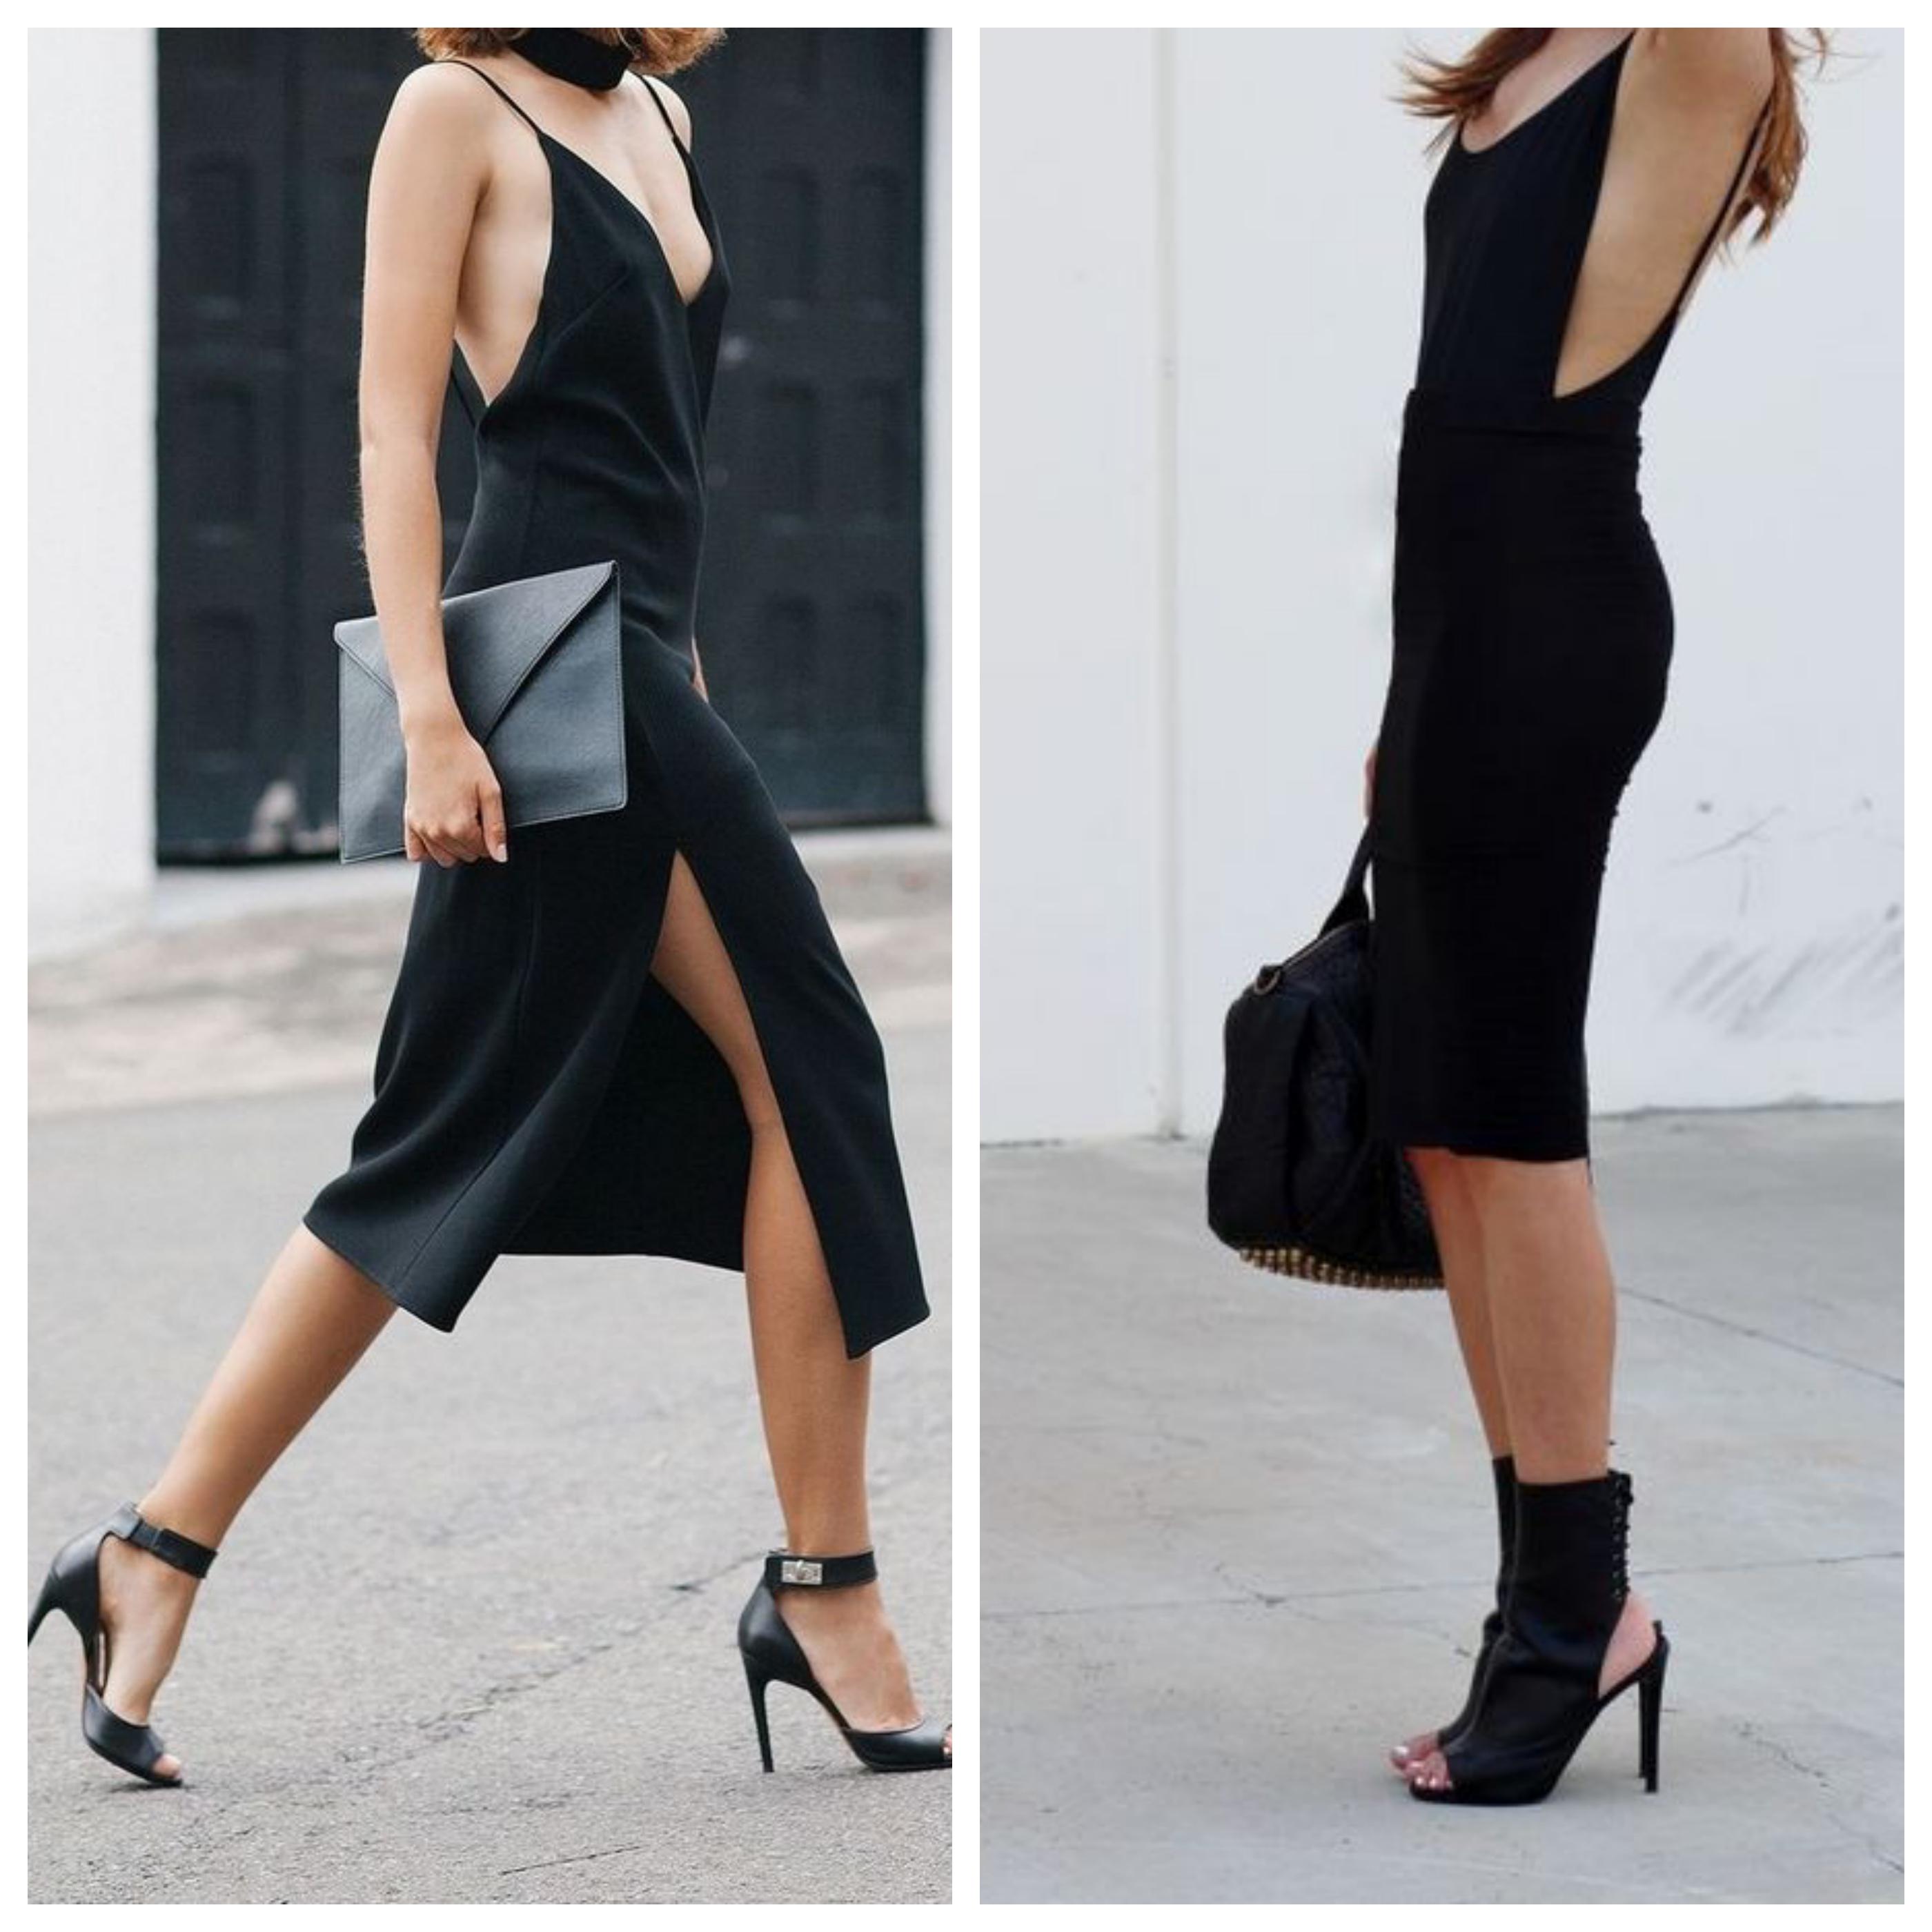 Черное платье и шпилька